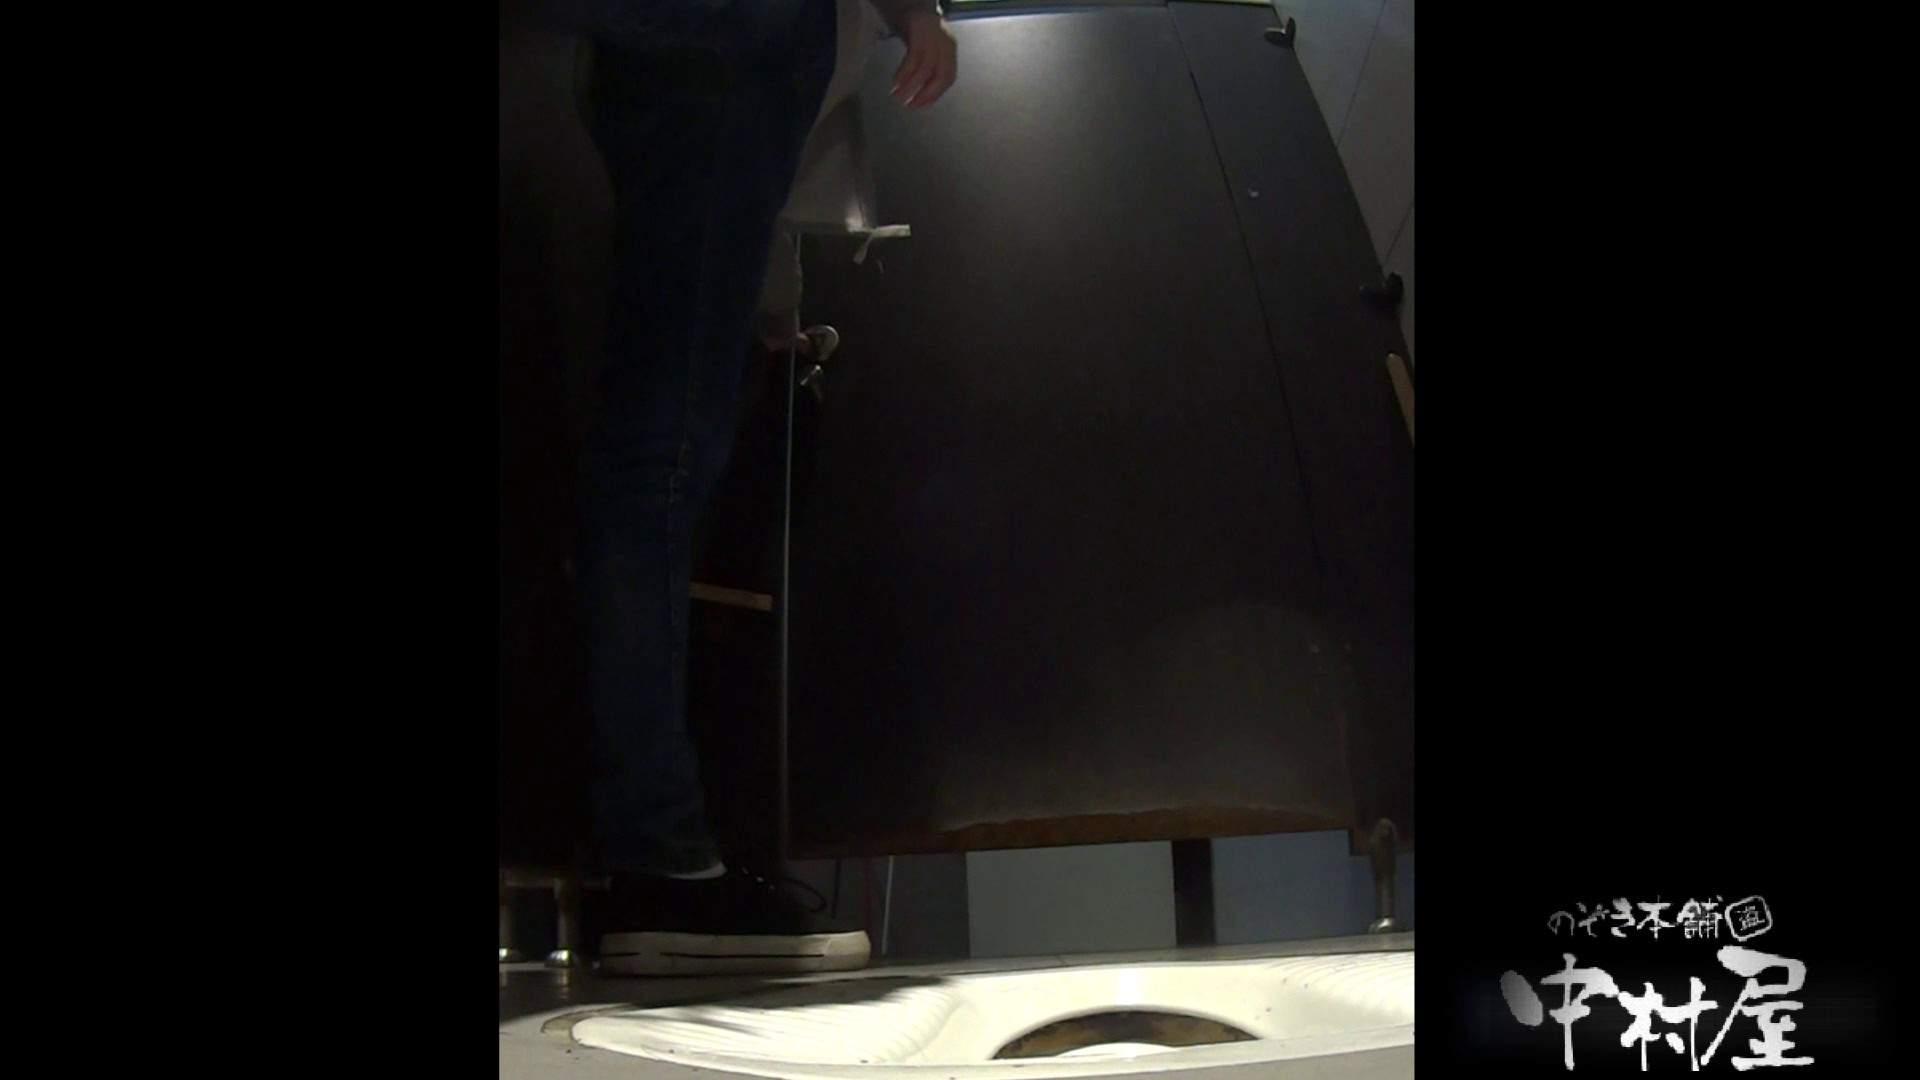 大学休憩時間の洗面所事情21 洗面所 隠し撮りおまんこ動画流出 92PICs 3